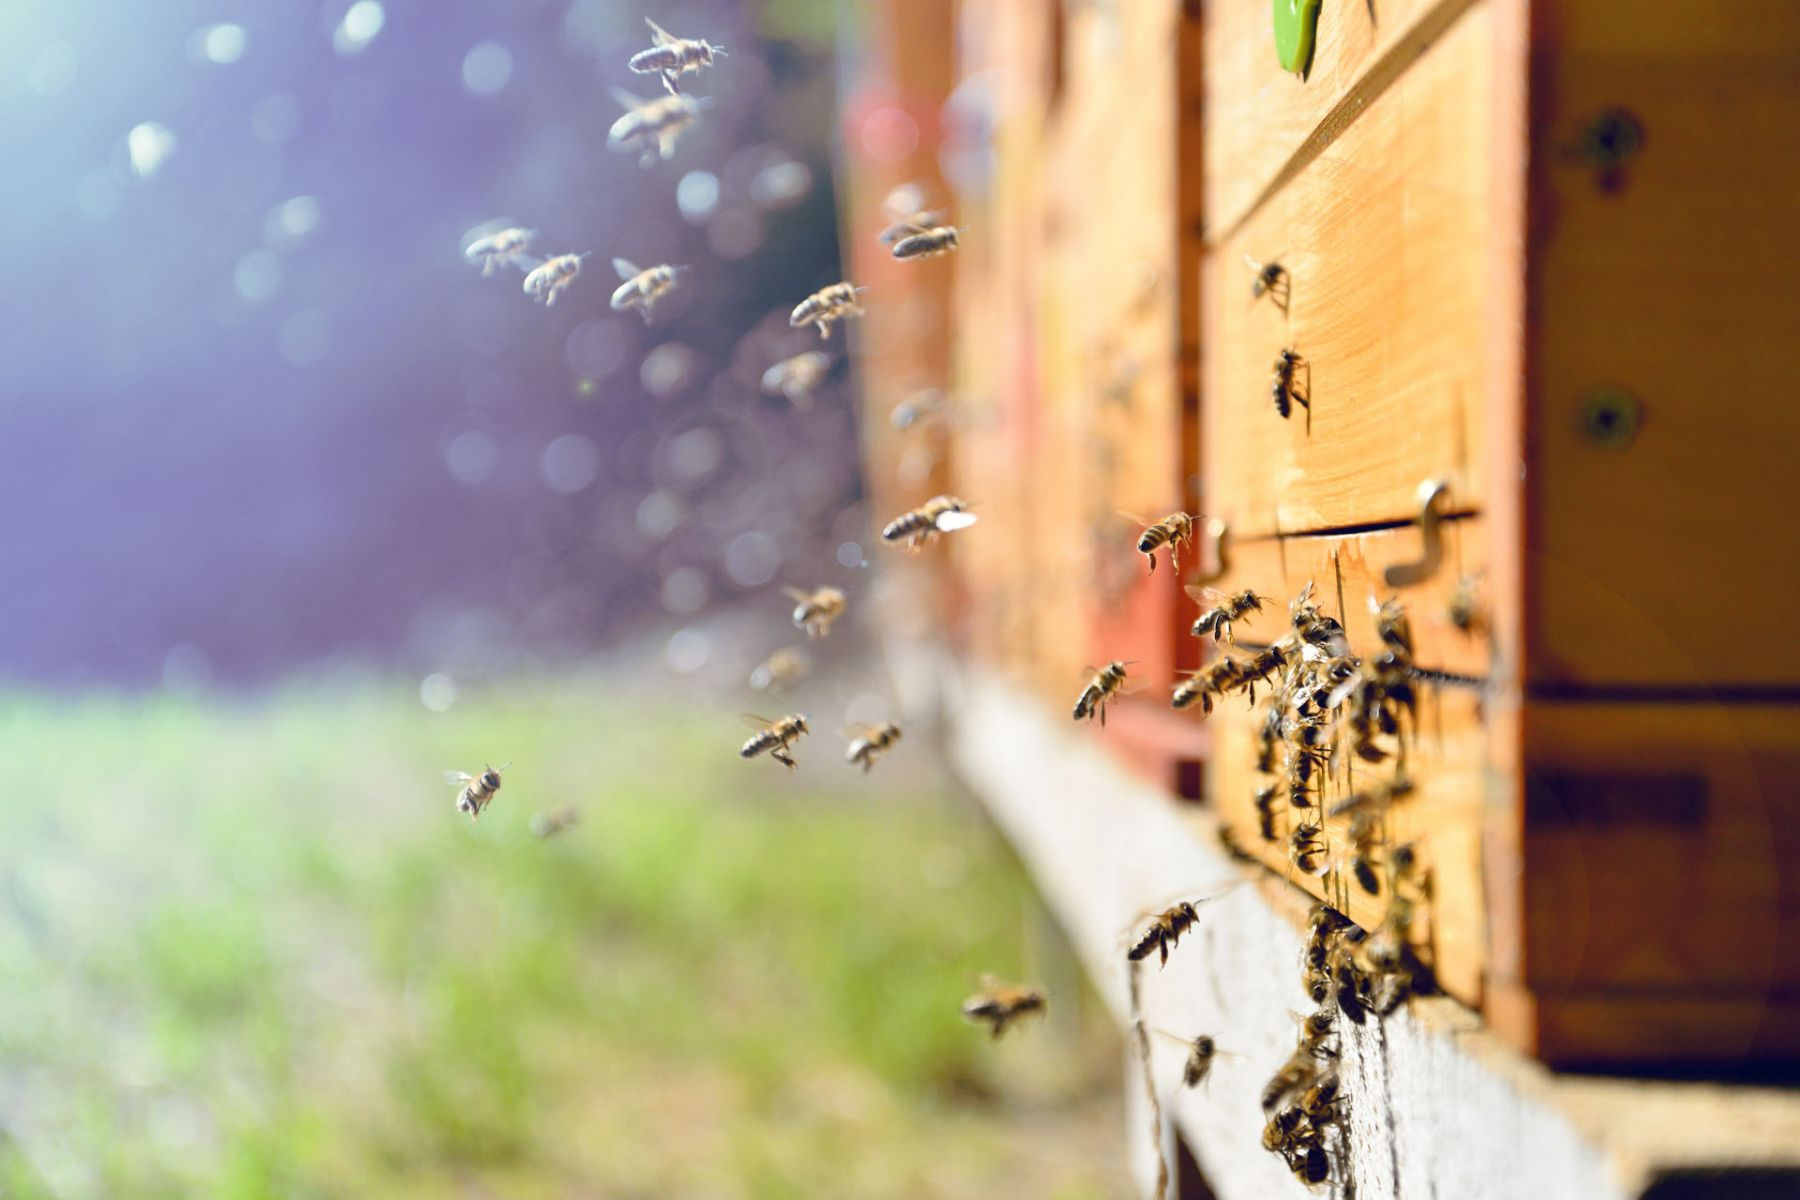 更生人求職四處碰璧,浪子回頭蜜蜂喚!養蜂讓他重獲新生